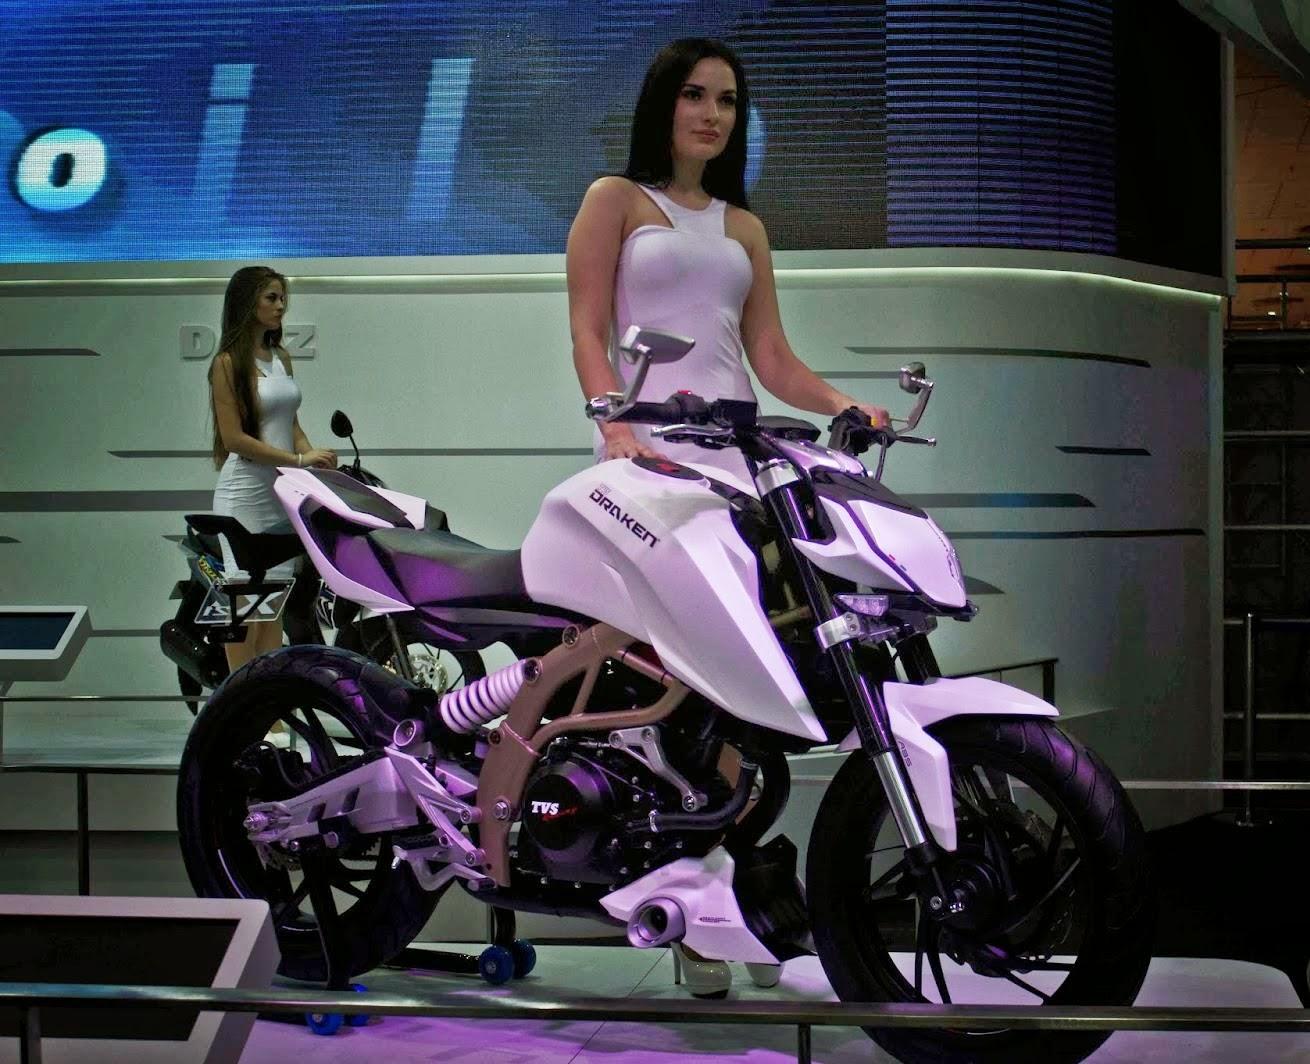 Image For Tvs Draken 2016 Bike With Hot Girls - Motorcycle - HD Wallpaper